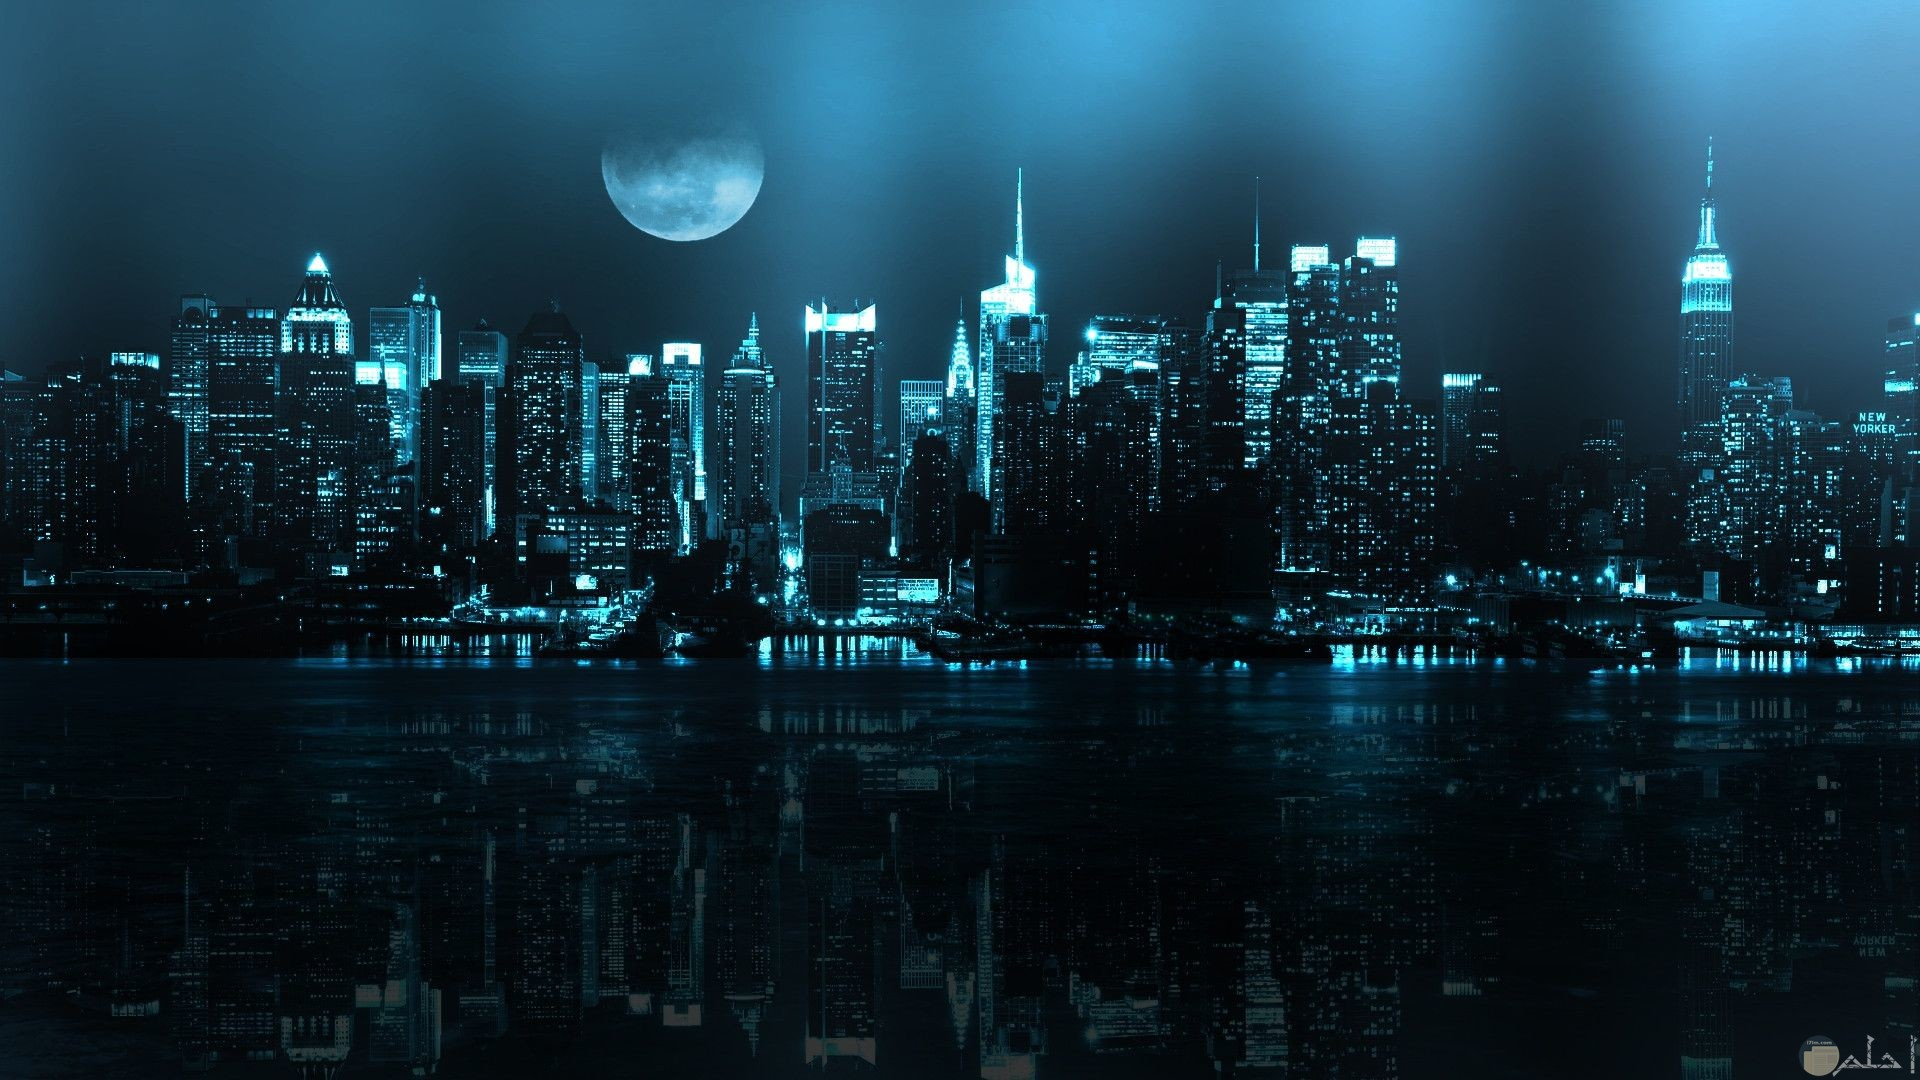 صورة خلفية كمبيوتر رائعة لشكل المدينة ليلا جميلة